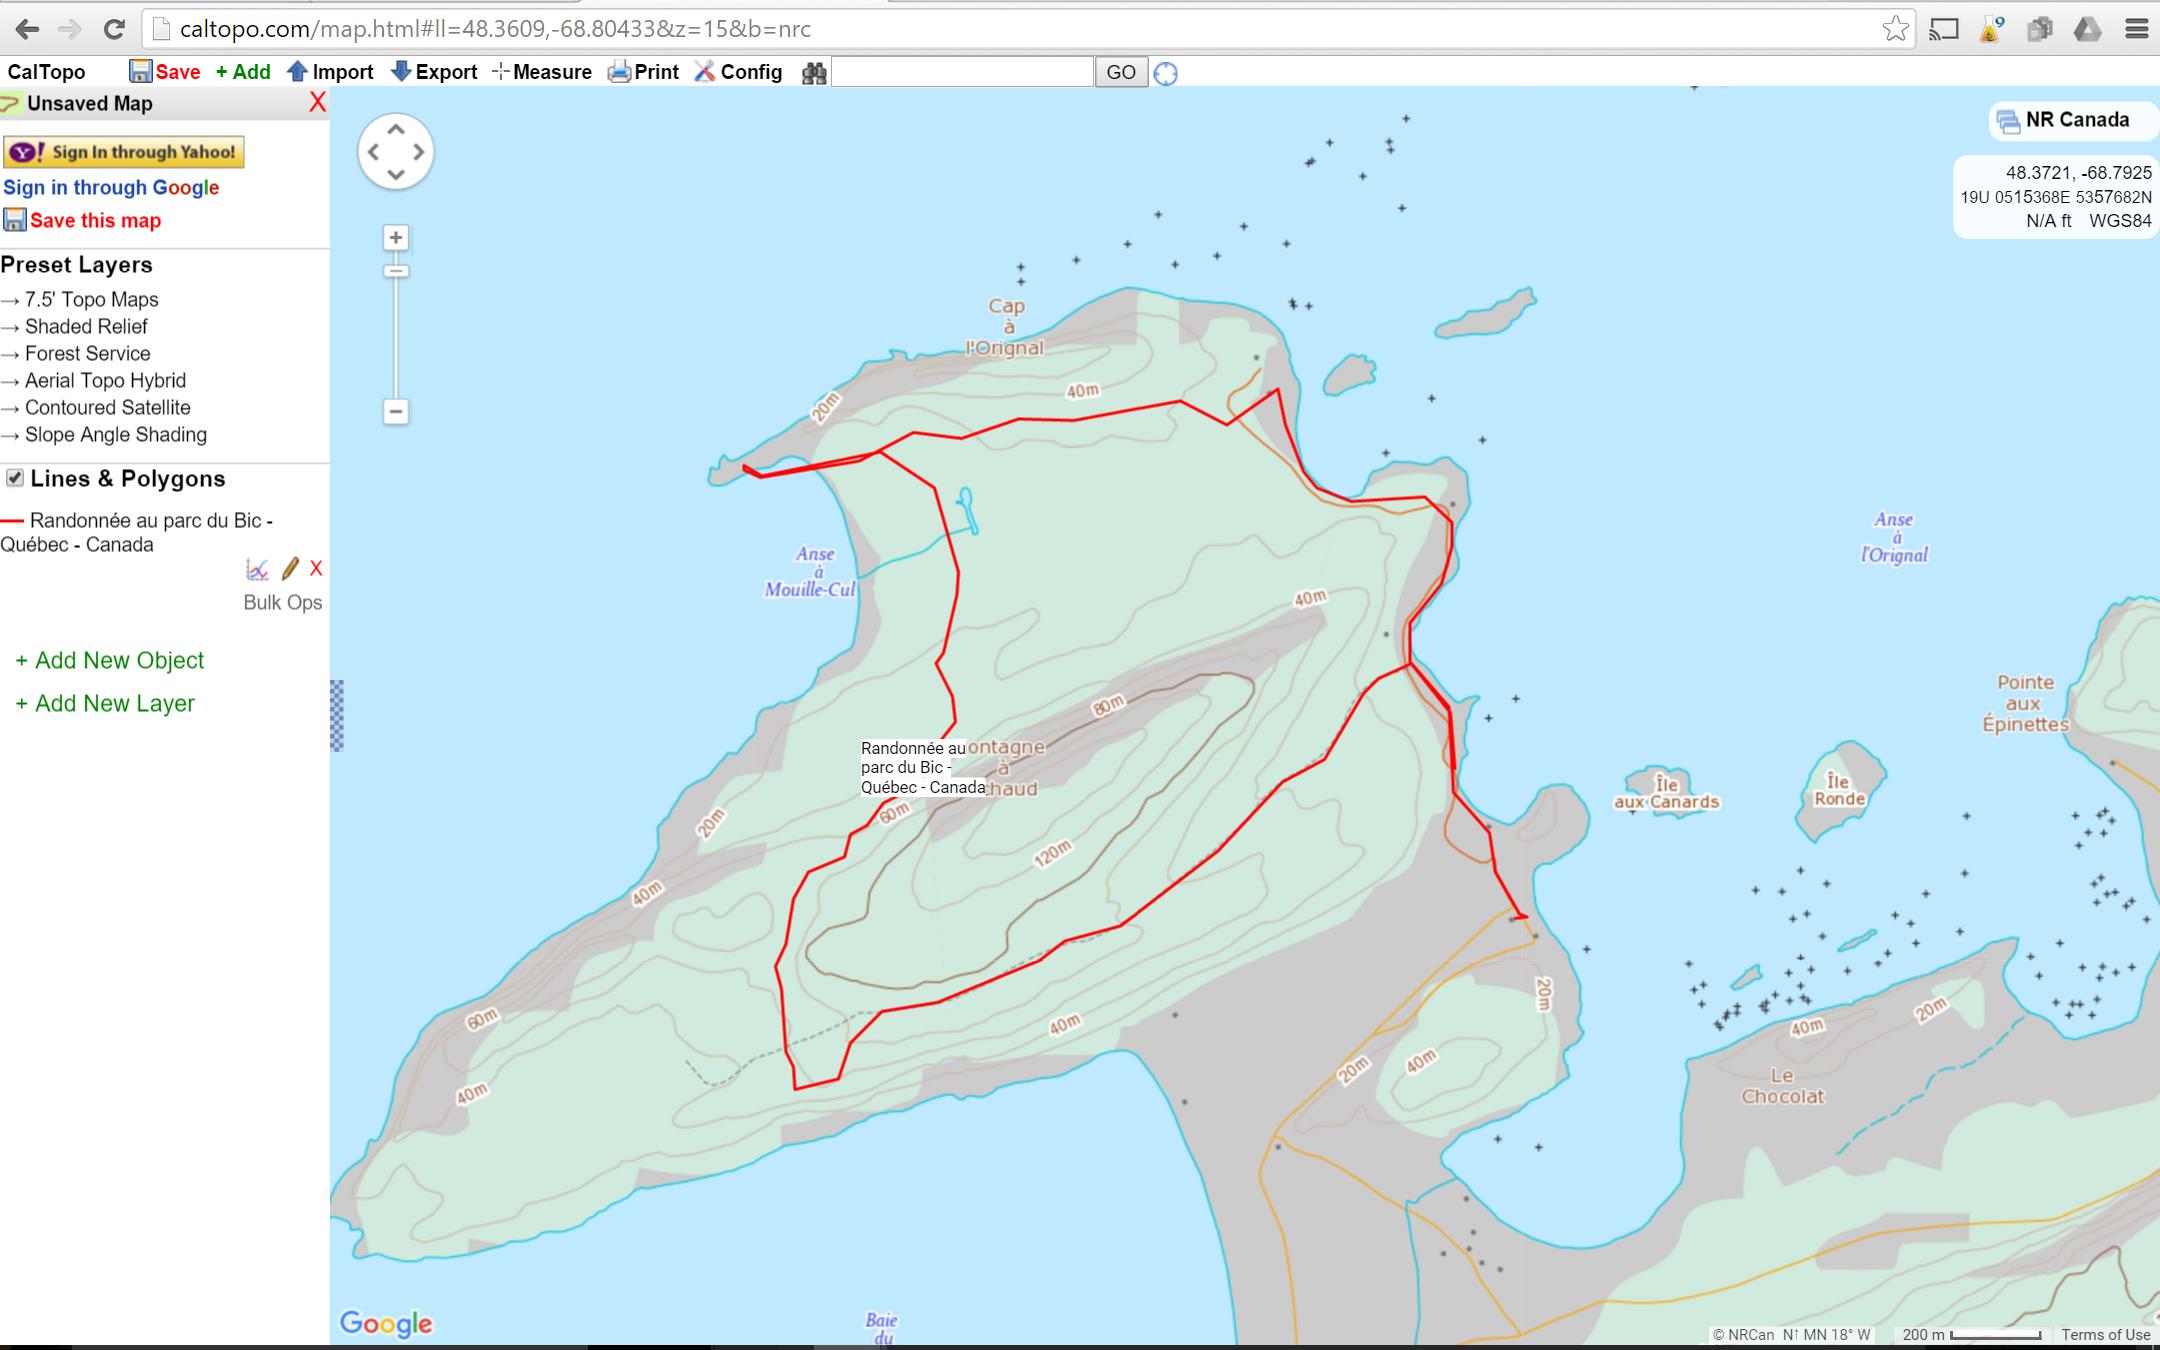 carte du Bic avec un tracé importé sur caltopo